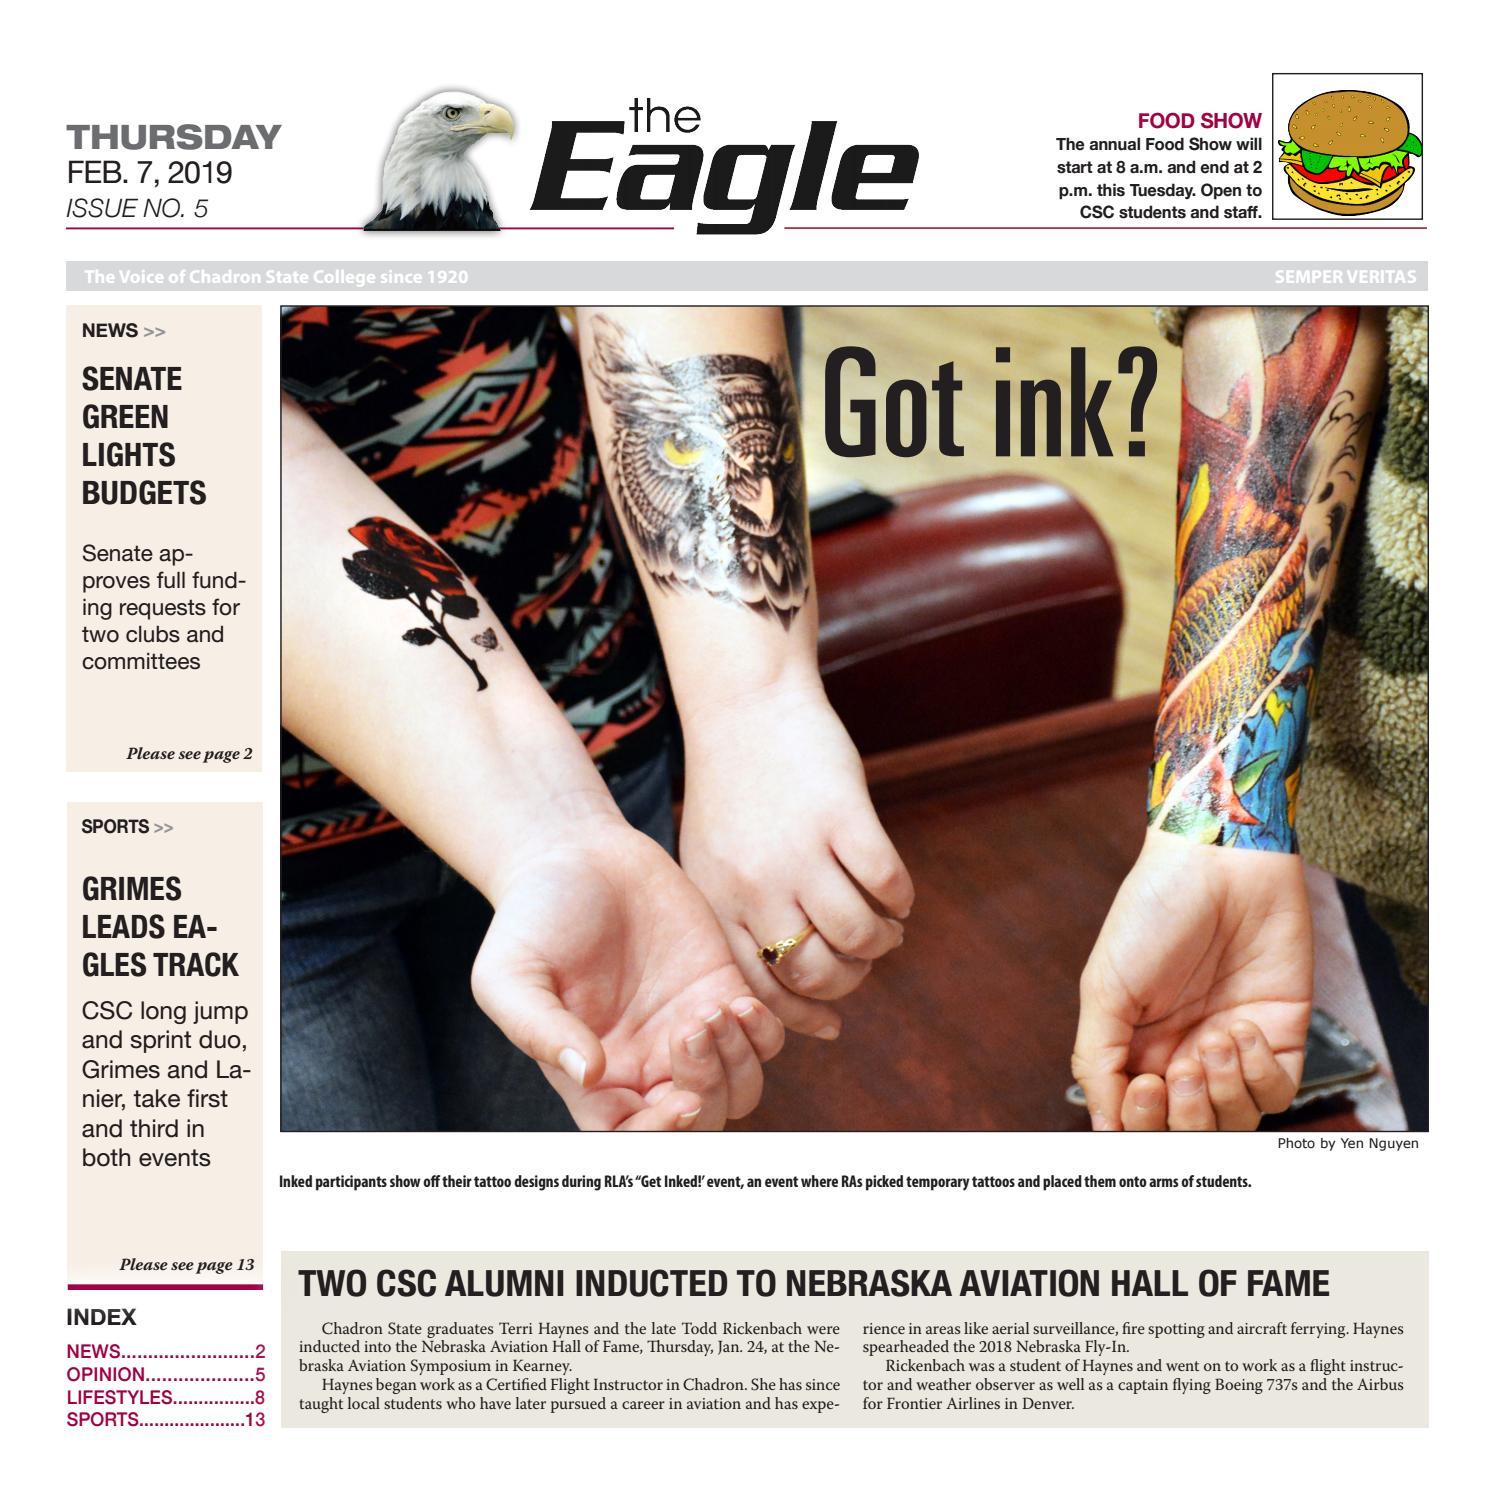 The Eagle: Feb  7, 2019 by The Eagle - issuu